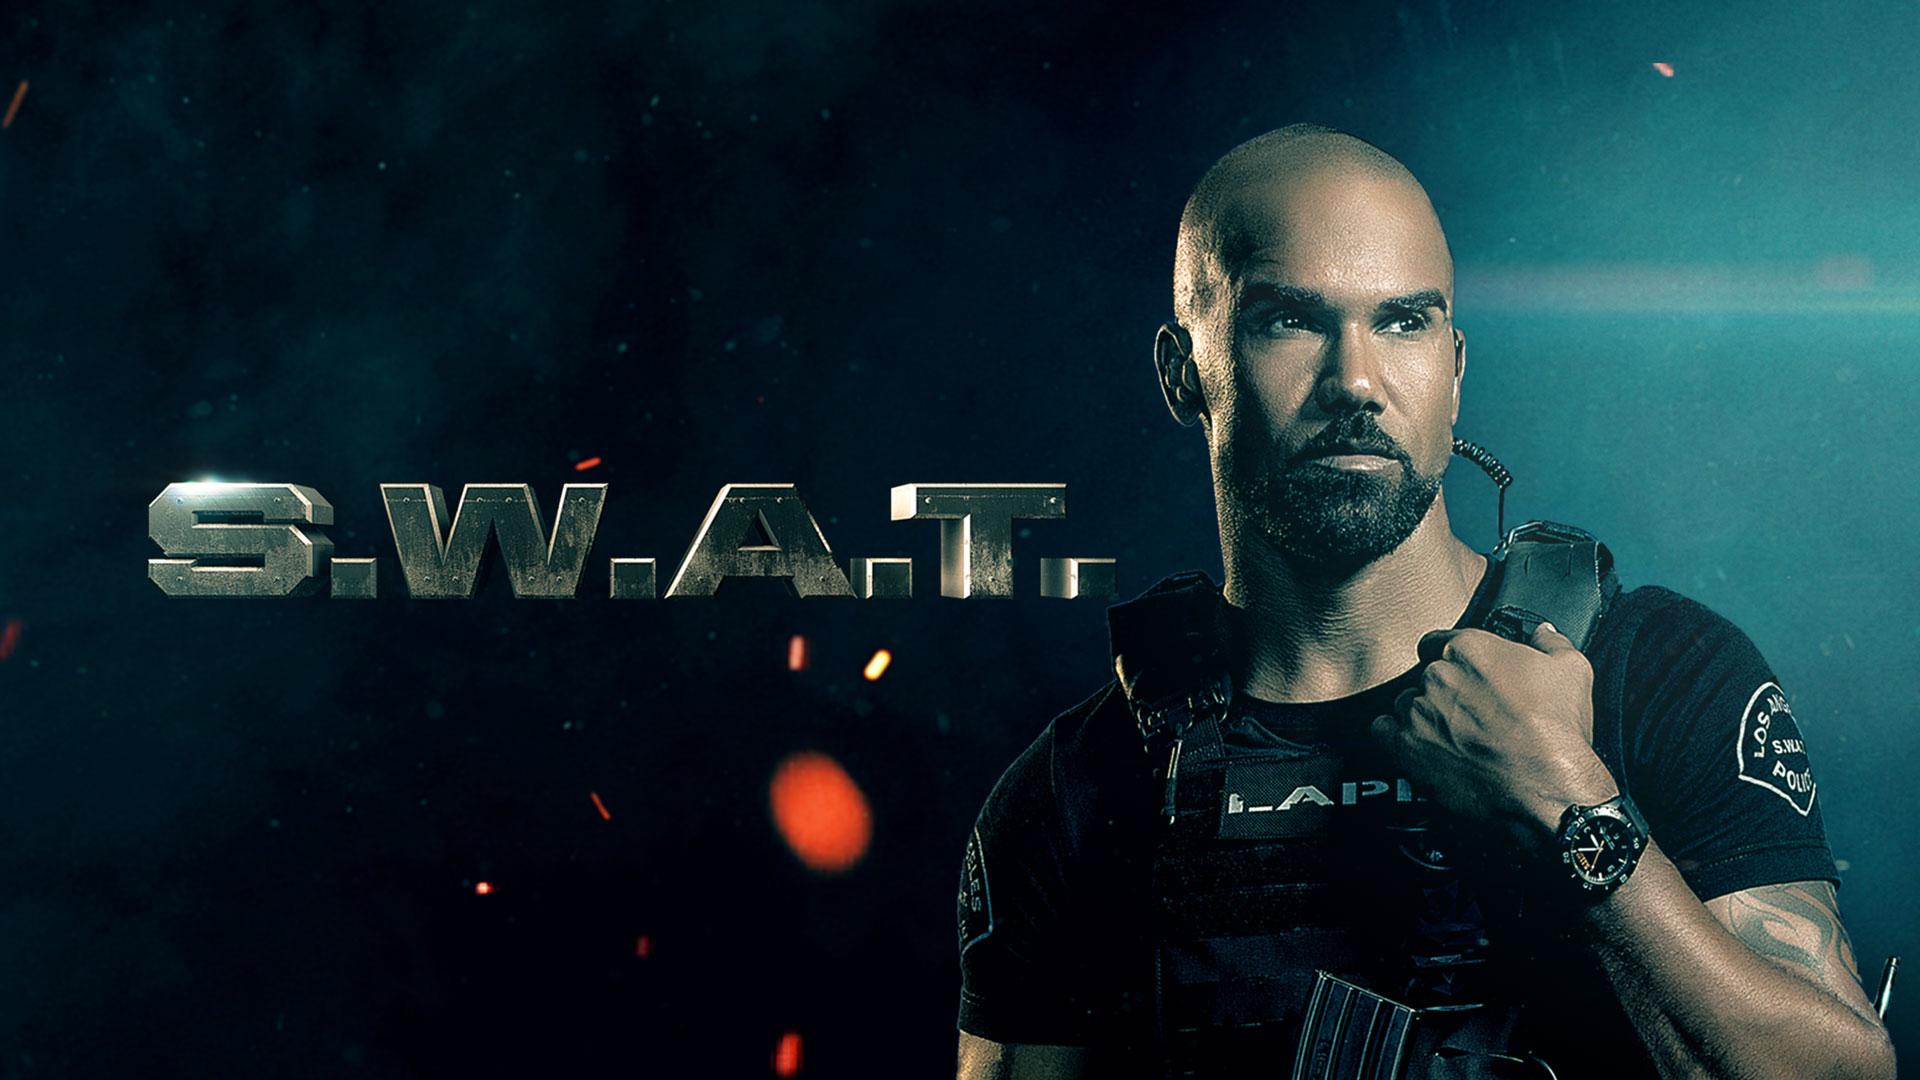 Tweede seizoen S.W.A.T. (2017) in juli bij Ziggo